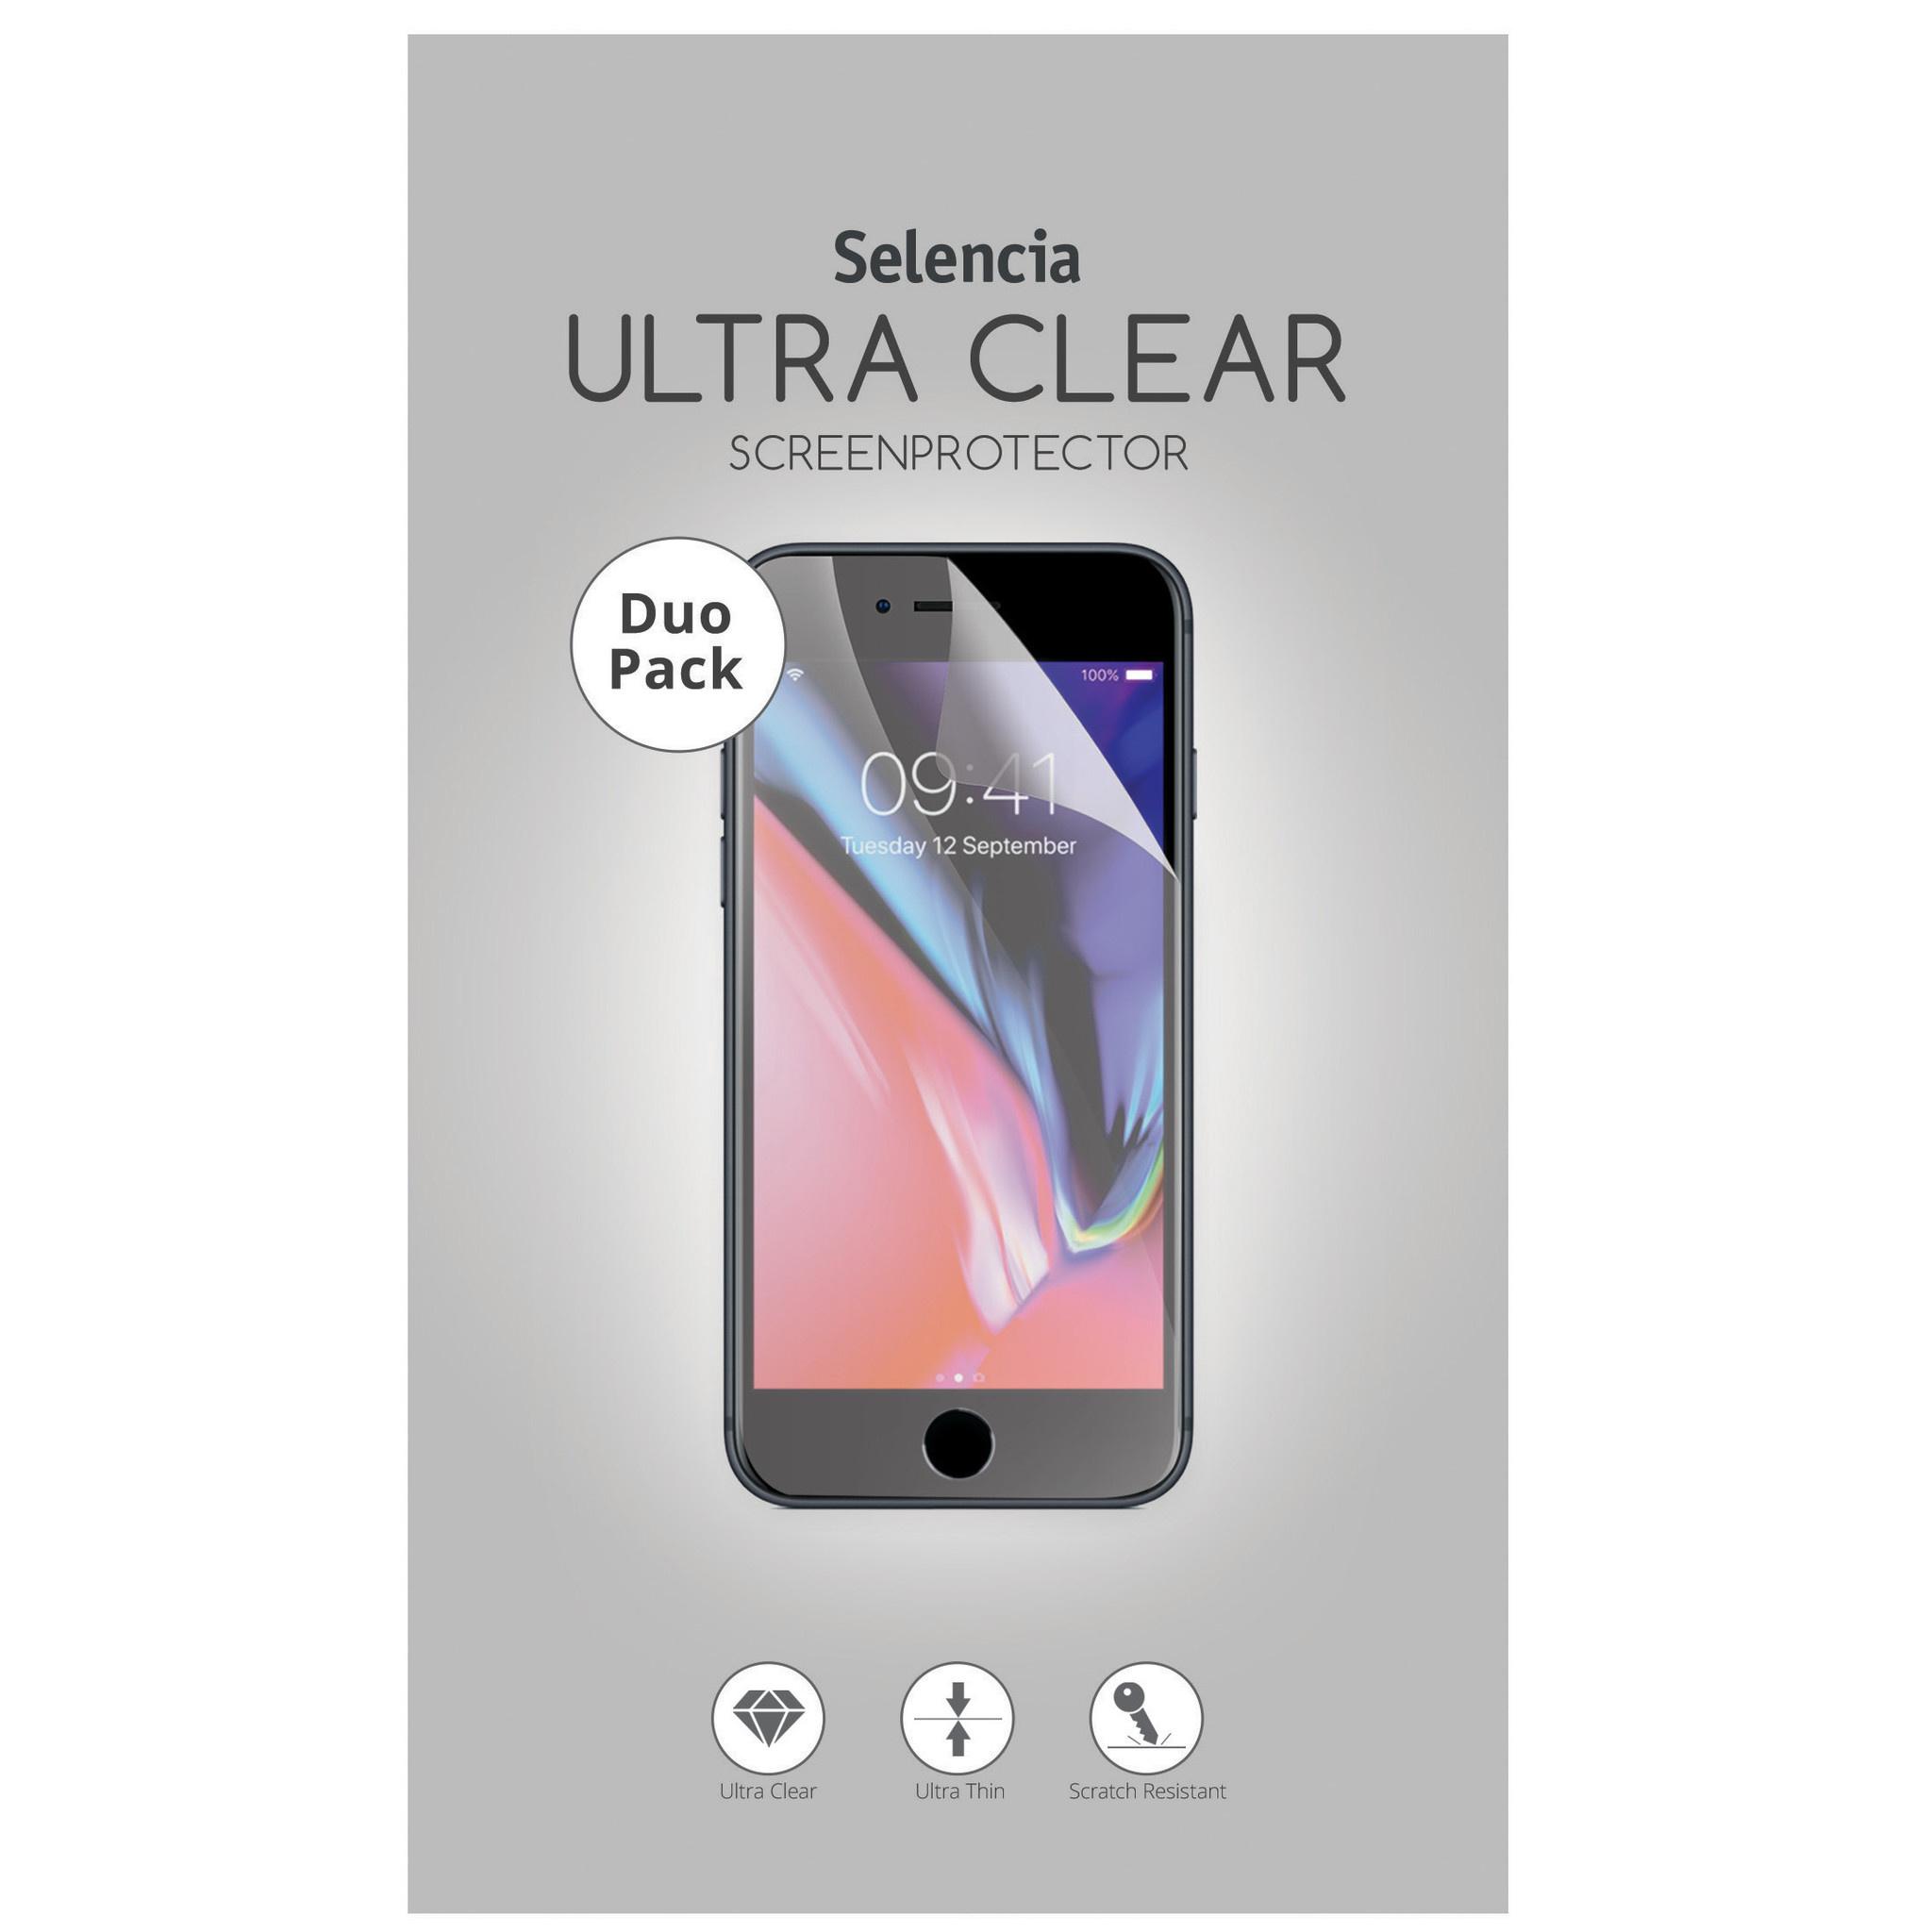 Selencia Duo Pack Screenprotector für das Nokia 7.1